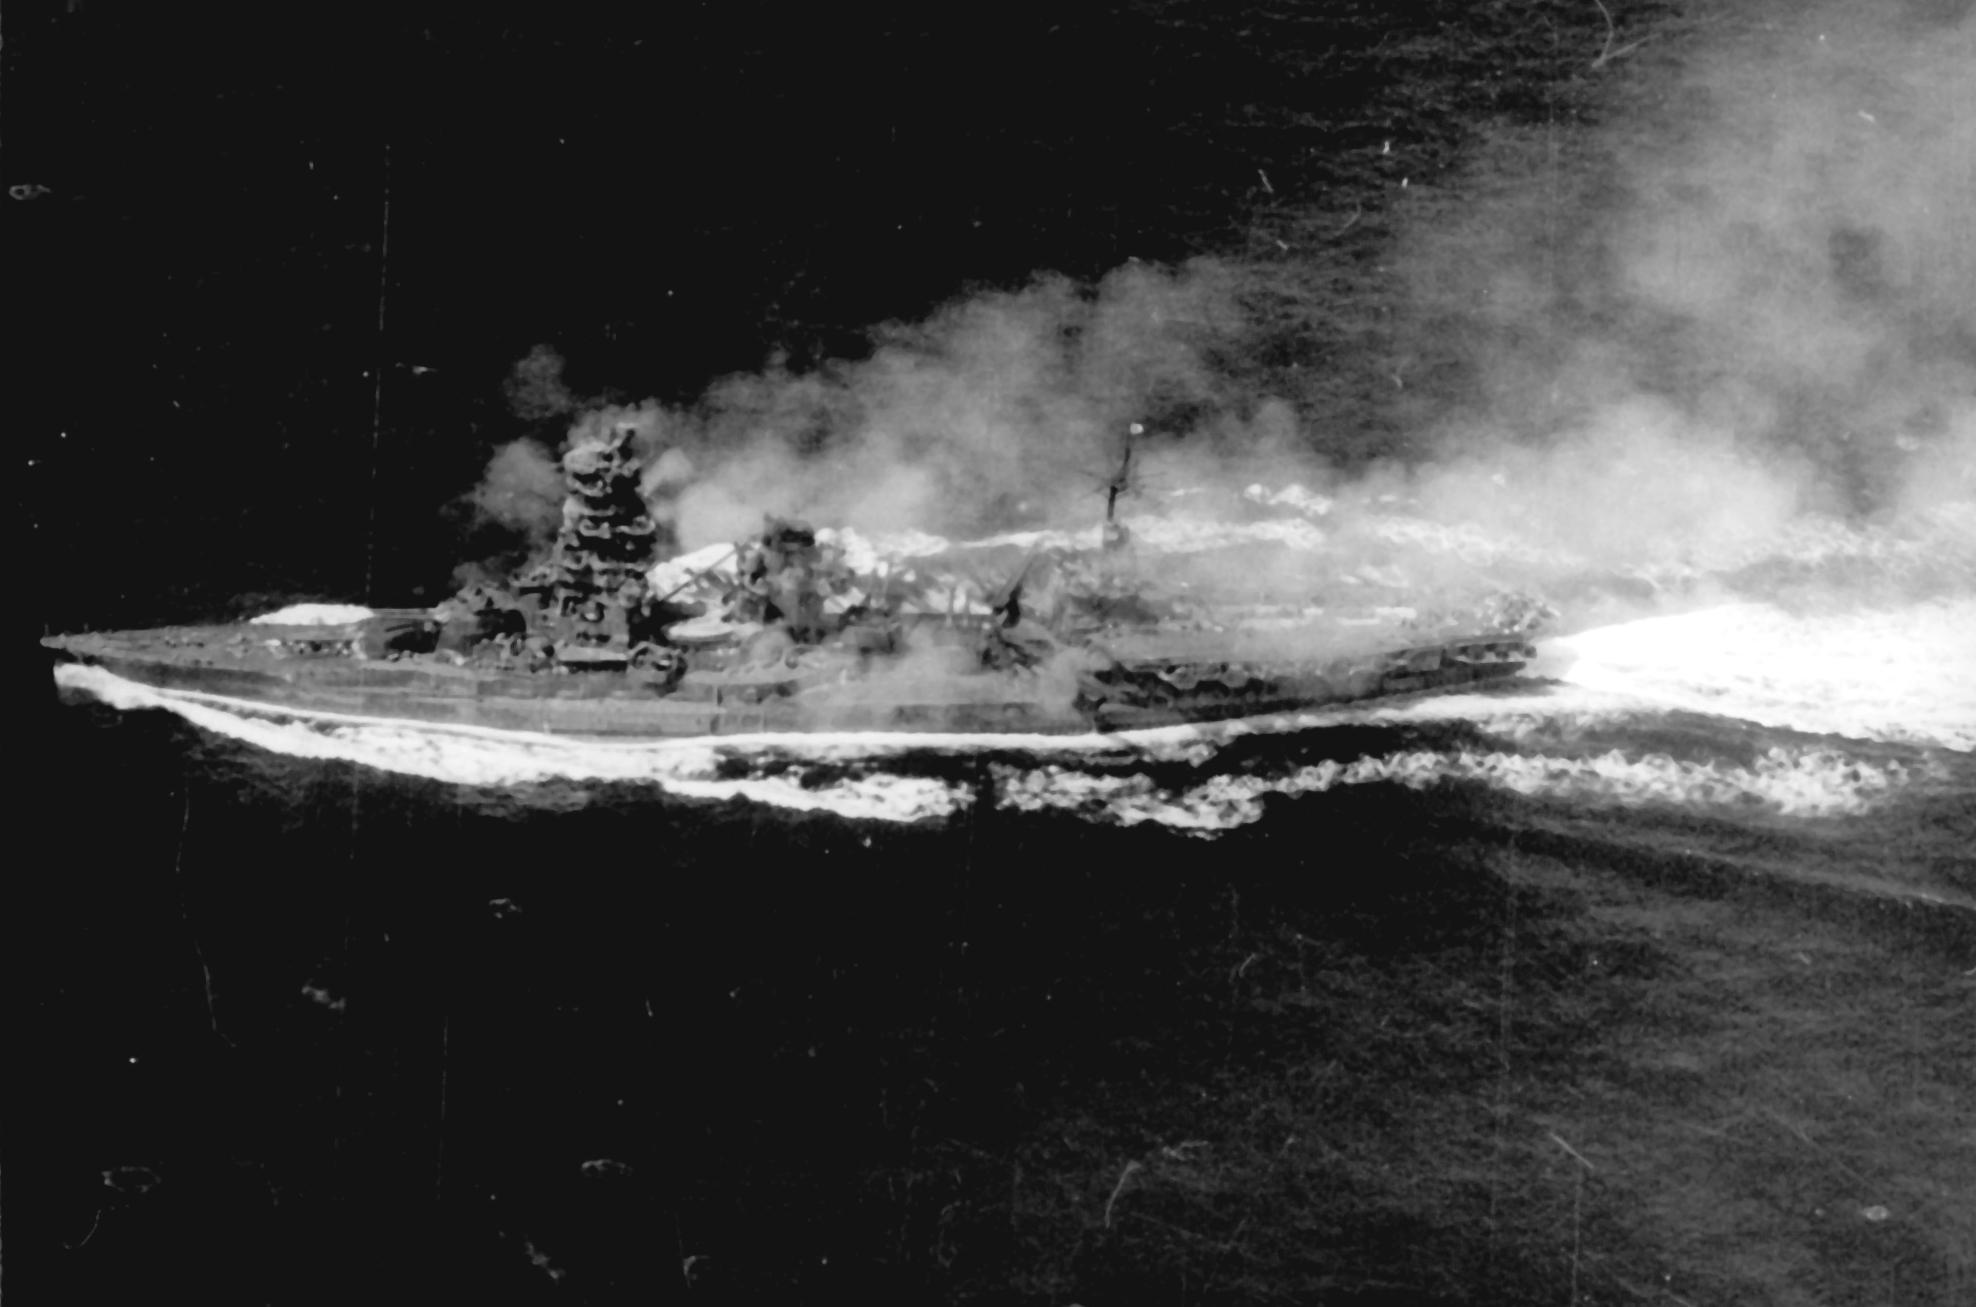 Battleship_Ise_underway_at_Letyte_Gulf_1944.jpeg